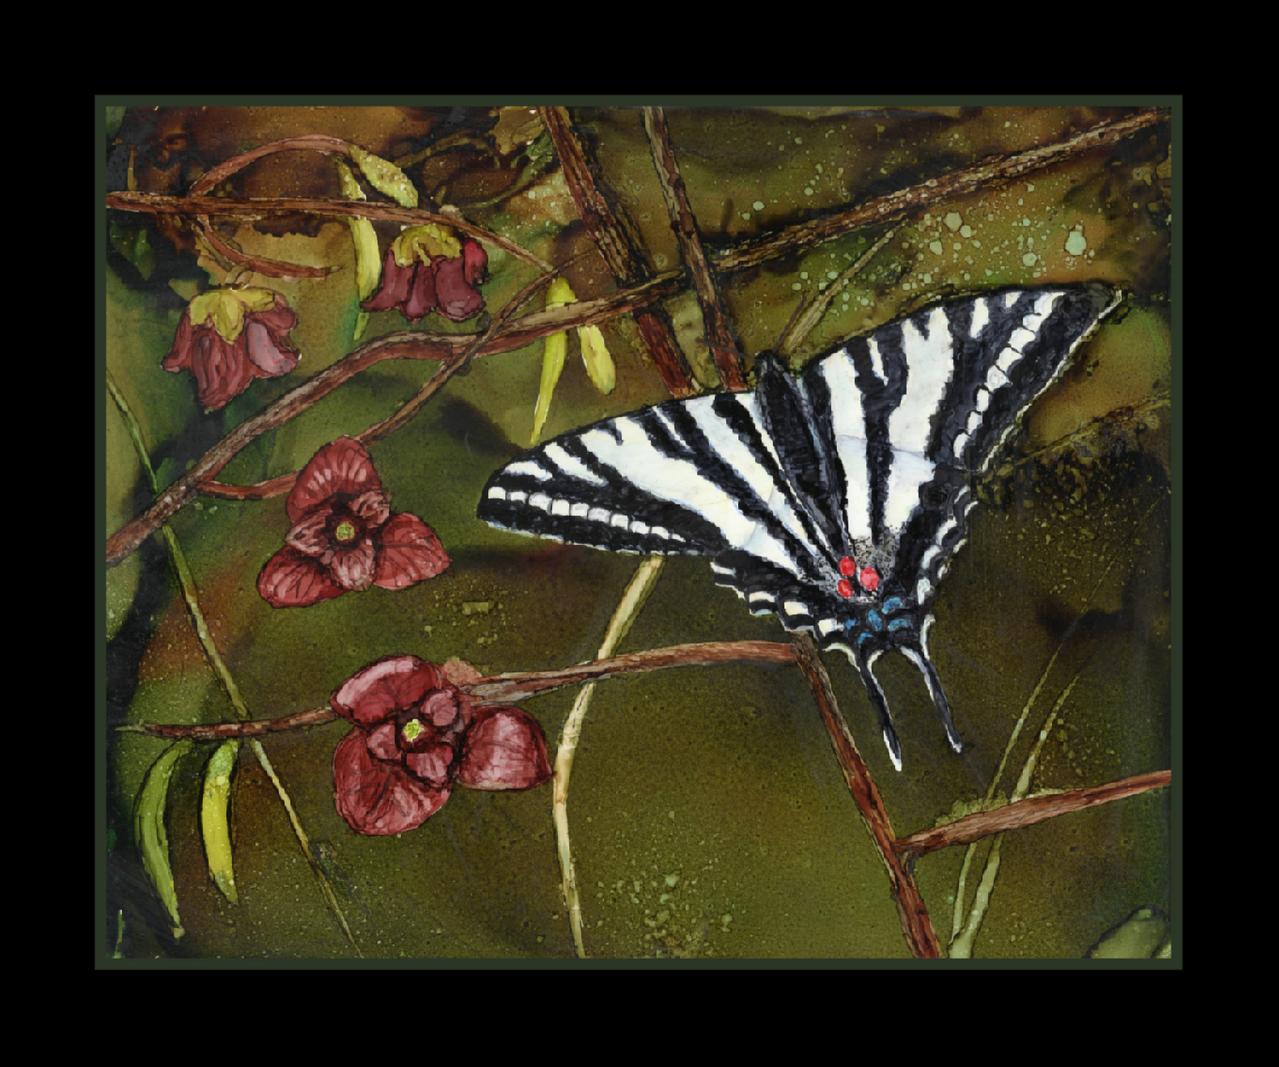 Butterfly, zebra swallowtail